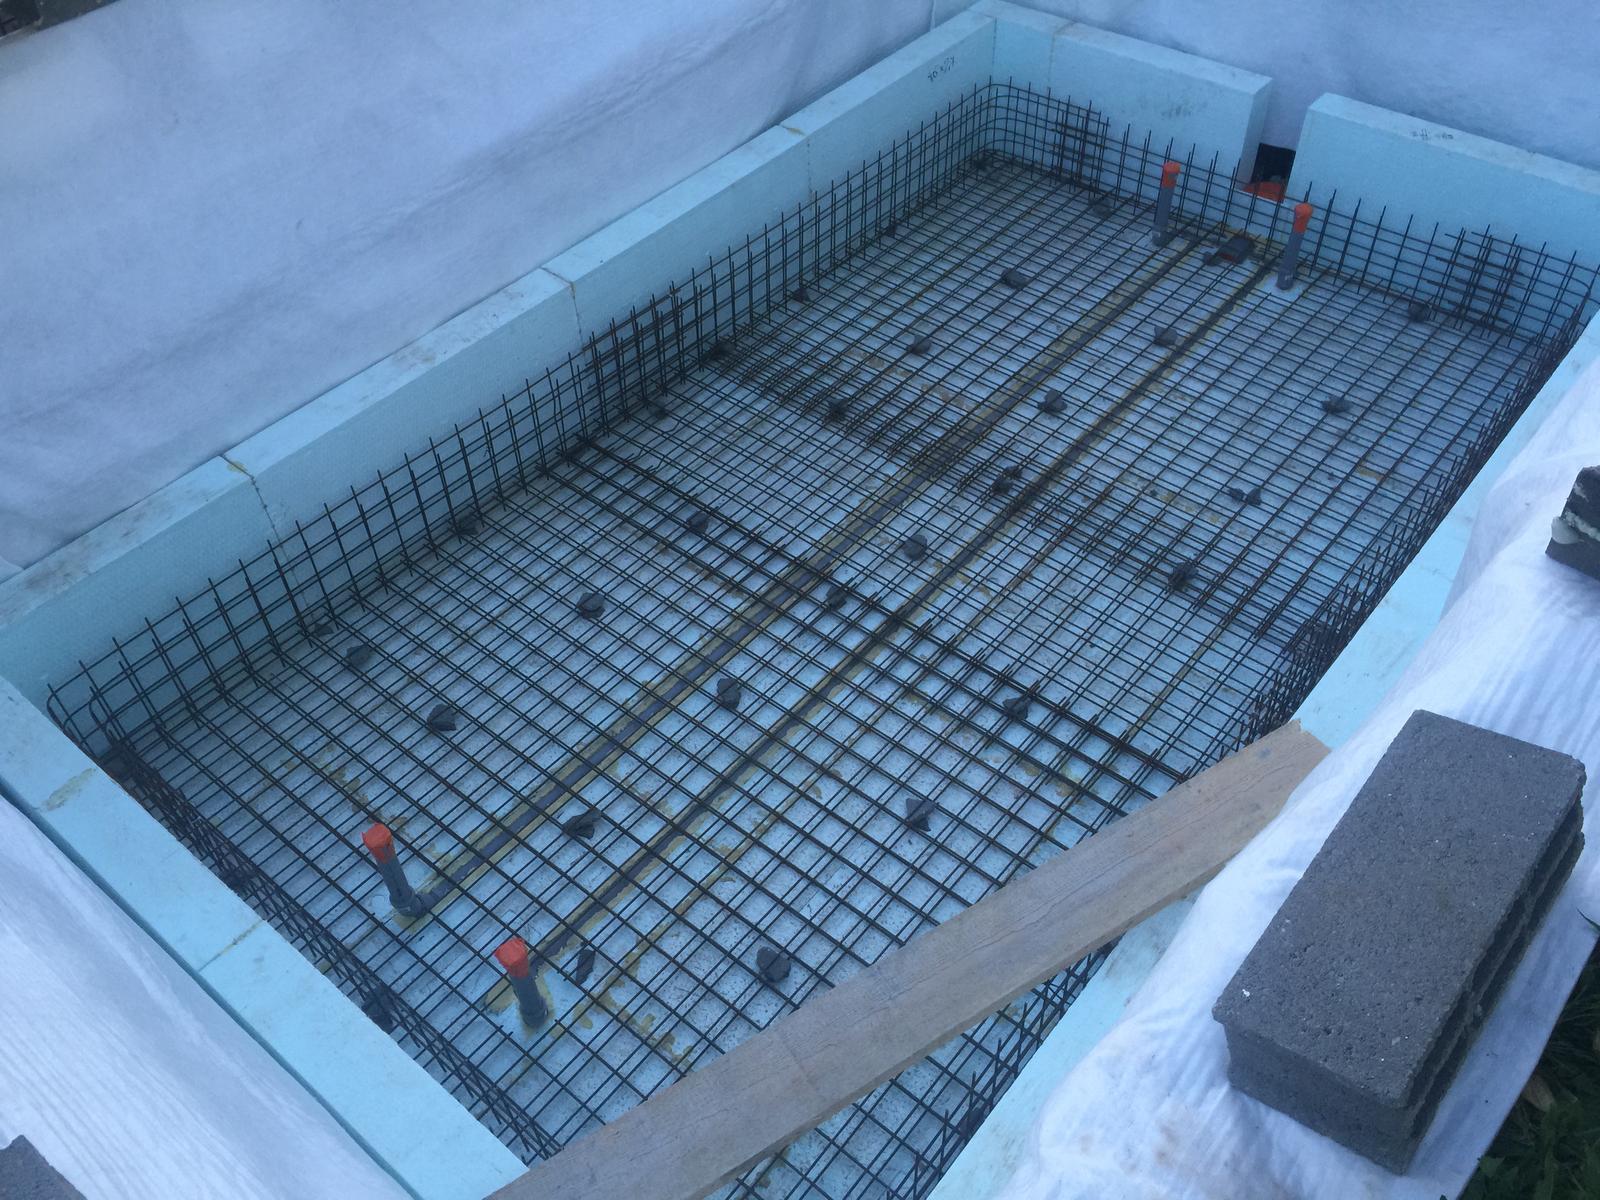 Nulový dom bez komína... Som UFO? - ja som zvolil lacnu verziu, pouzil som kanalyzacne rurky... beton je ale specialne rpe bazeny = bazenovy beton... WU